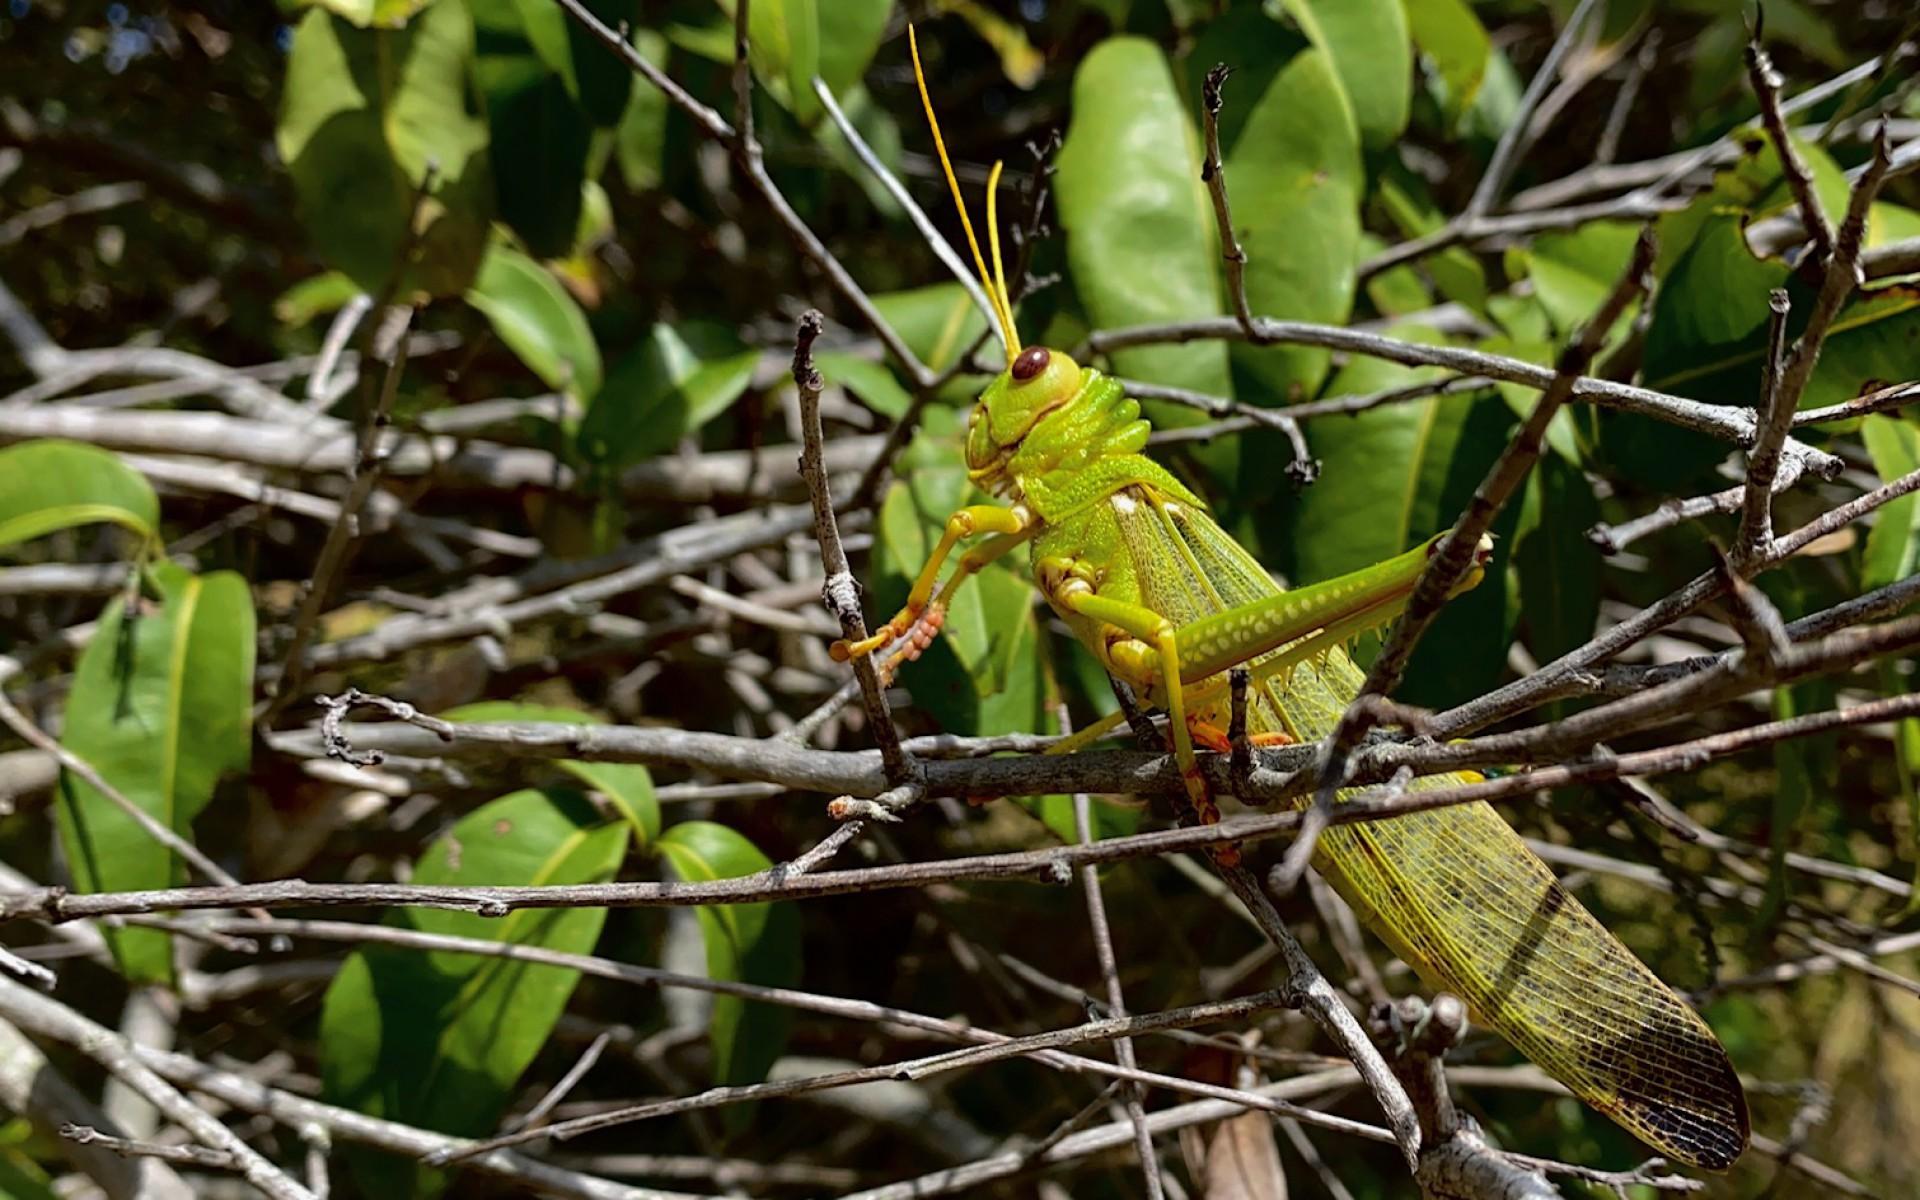 (Foto: Demitri Túlio)Gafanhoto, inseto presente na fauna do Parque Natural das Dunas da Sabiaguaba. O fruto é excelente para suco. 1/8/2020. Acervo: Demitri Túlio